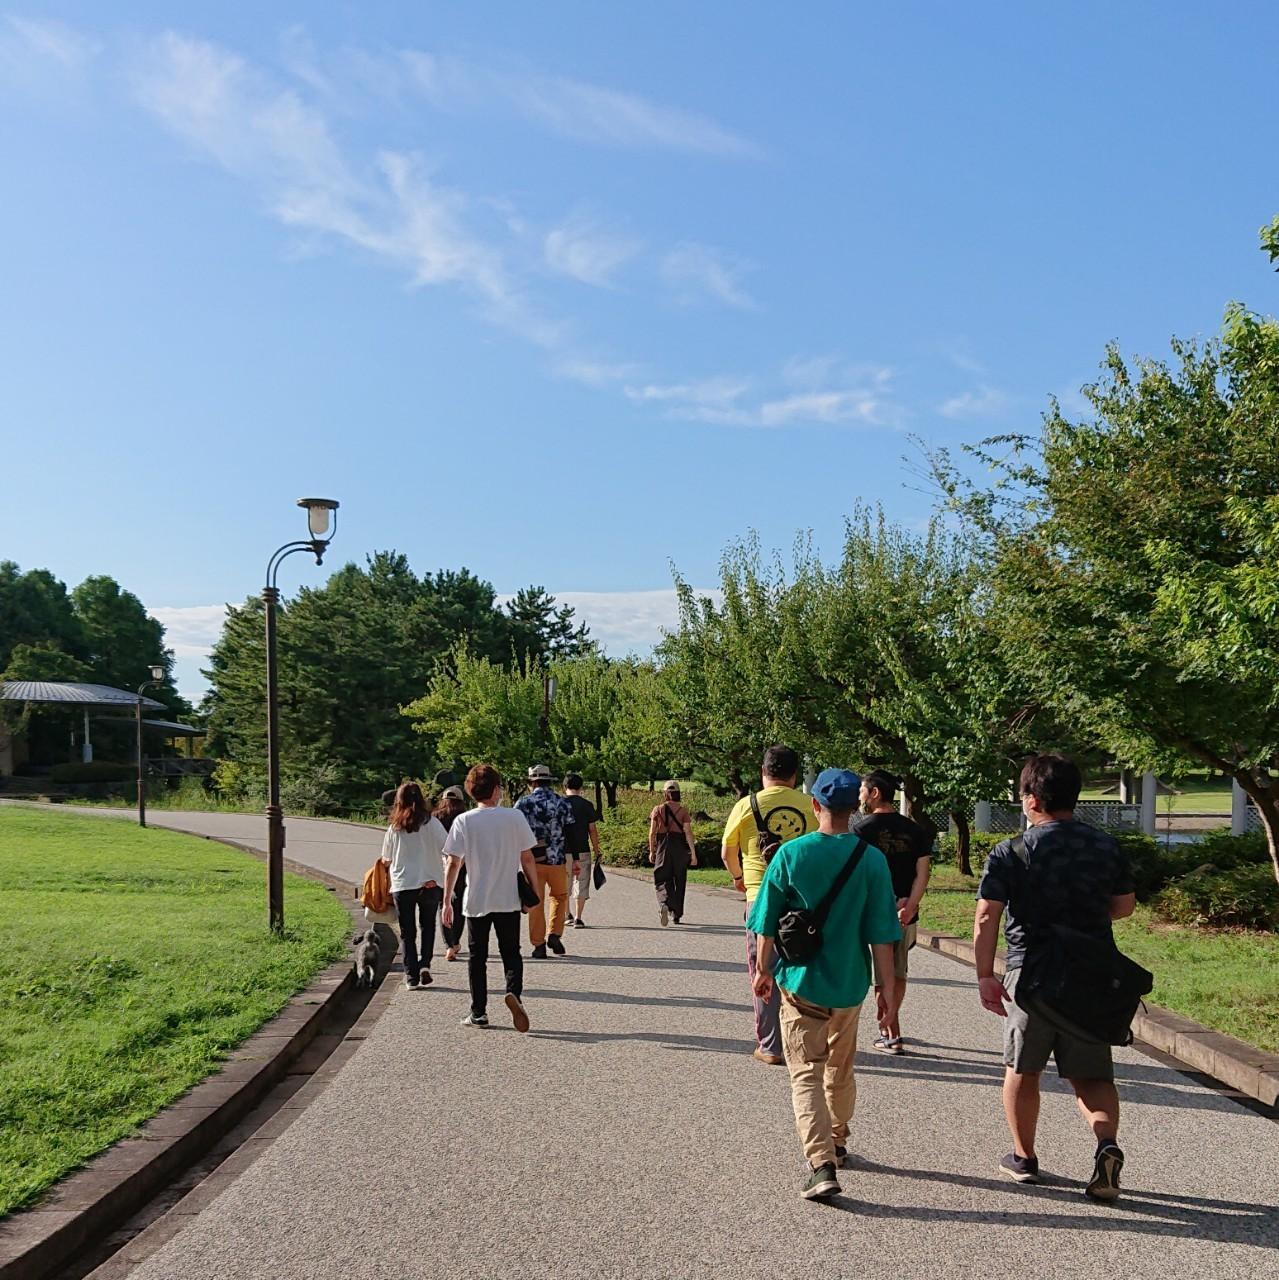 ビックスワンのそば!新潟県スポーツ公園でお散歩朝活を行いました!